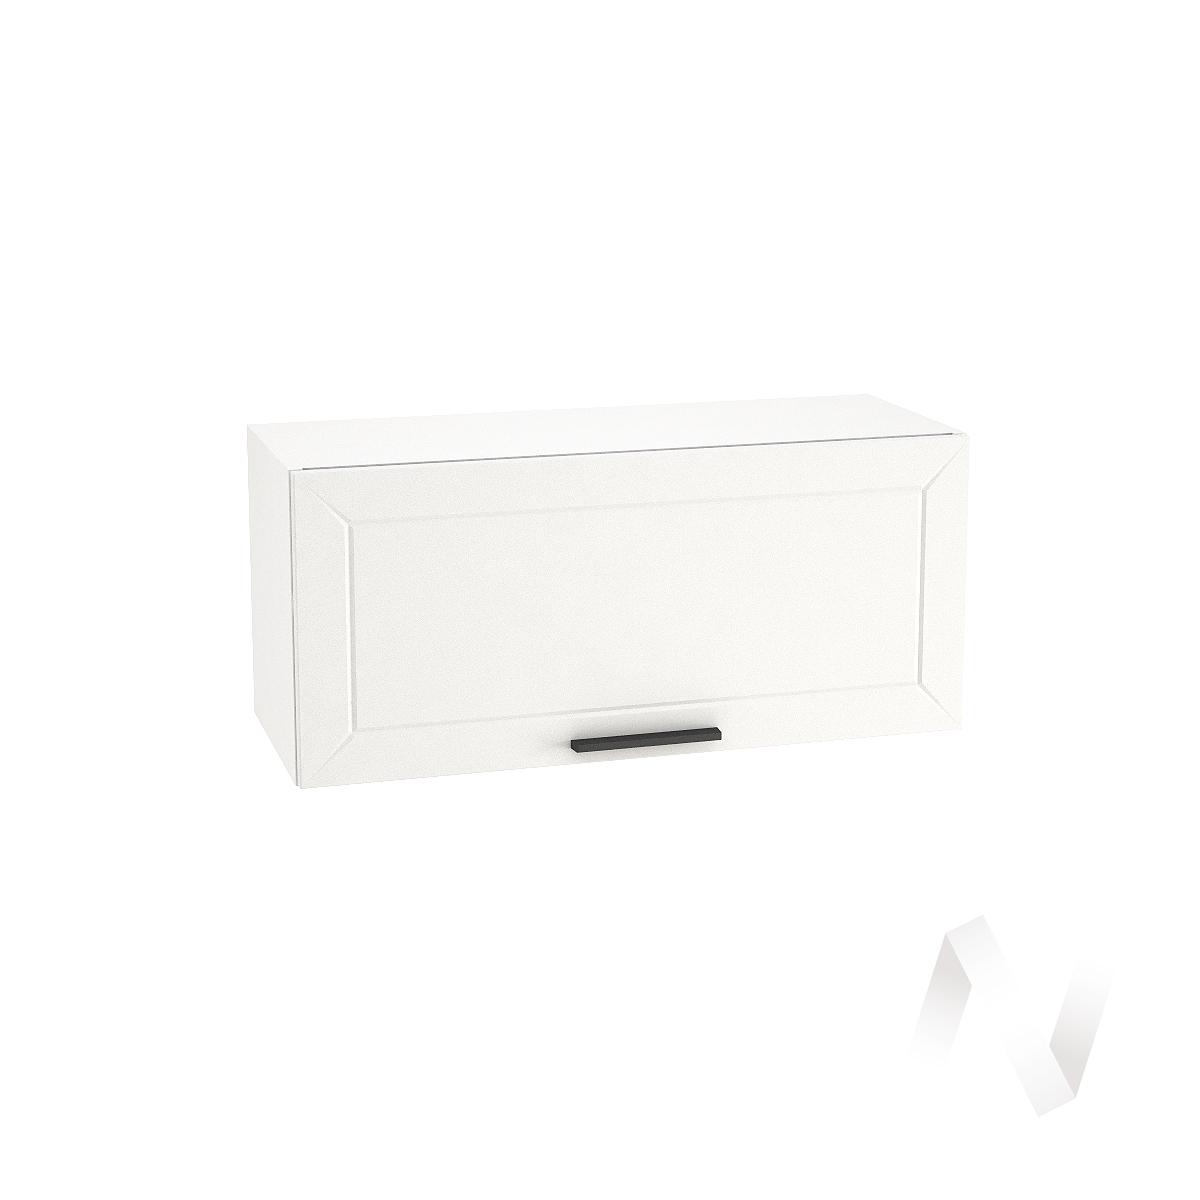 """Кухня """"Глетчер"""": Шкаф верхний горизонтальный 800, ШВГ 800 (Айленд Силк/корпус белый)"""